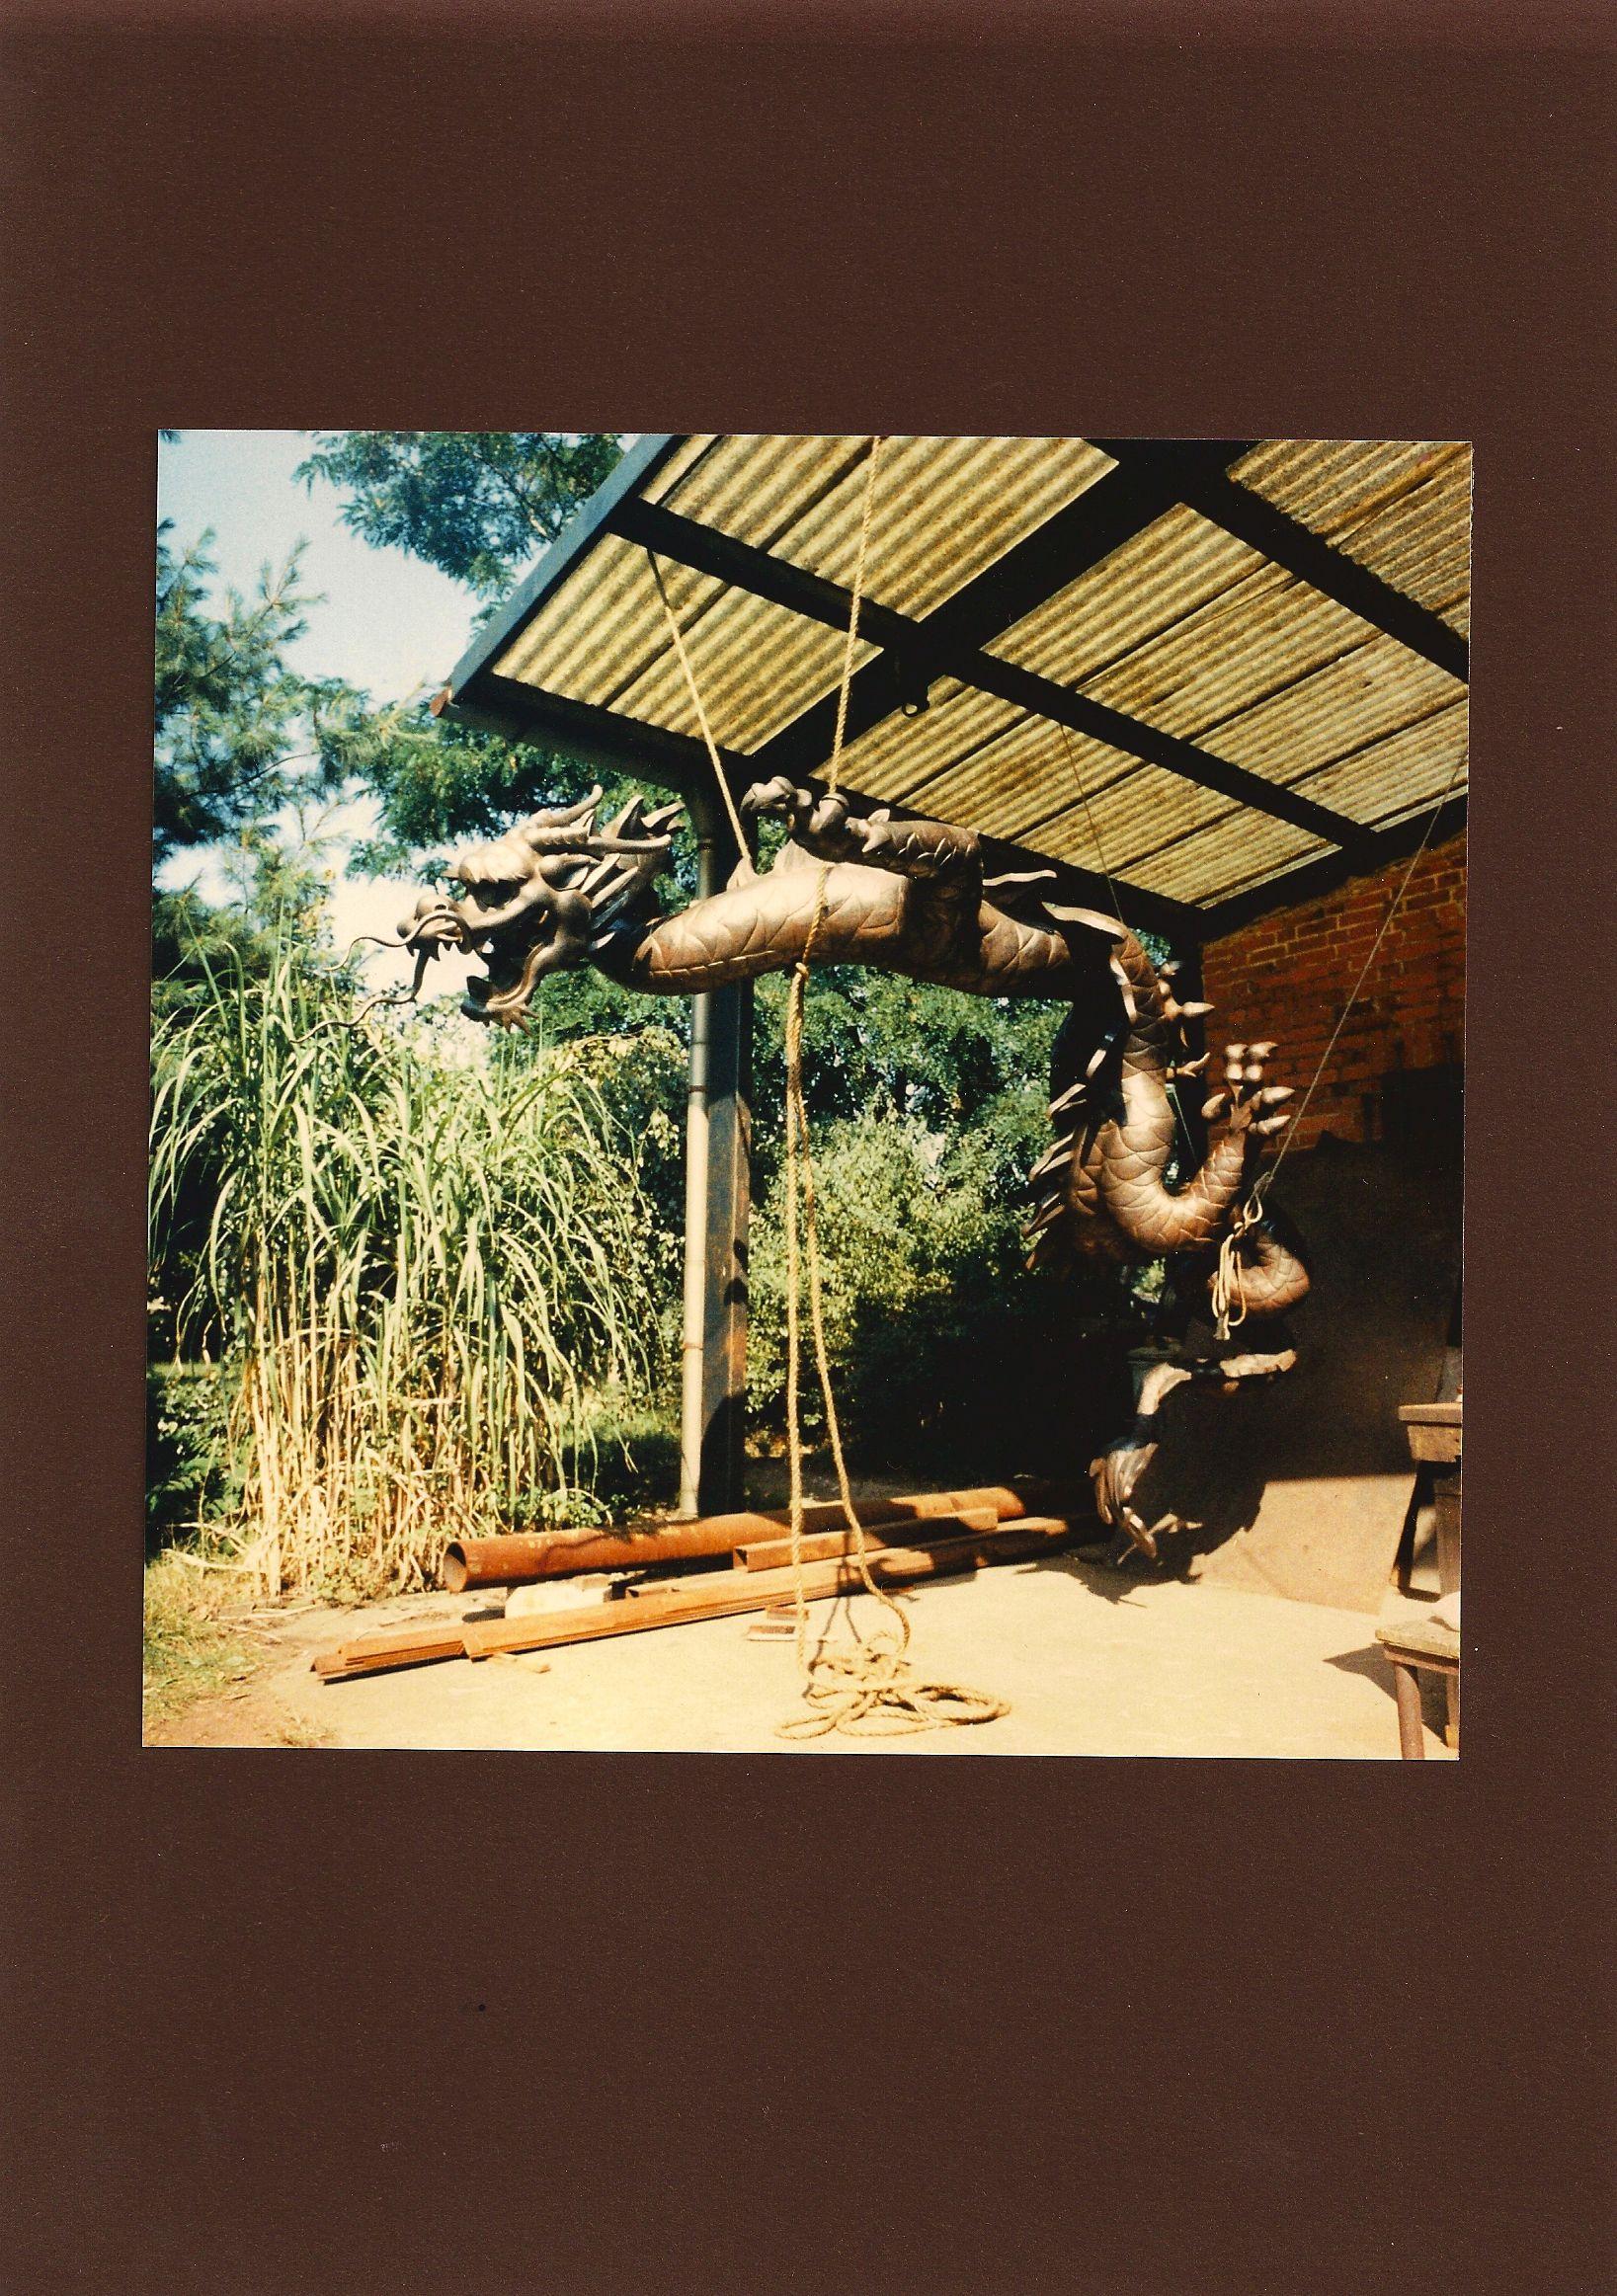 """Skulptur """"Der mit der Perle spielende Drache"""", Innenarchitektur, Kupfertreibarbeit, Länge ca. 8 m. Diese Arbeit war eine Herausforderung und wurde ein Meisterstück! Sie ist leider verschollen/gestohlen worden! Als Inspiration hatte ich nur ein Foto, die Darstellung als Terrakotta-Relief von der Neundrachenwand in China. In der Figur sind Schottenwände, da alles Stück für Stück mit Treibkitt ausgefüllt wurde, damit das Schuppenkleid in das Blech getrieben werden konnte."""